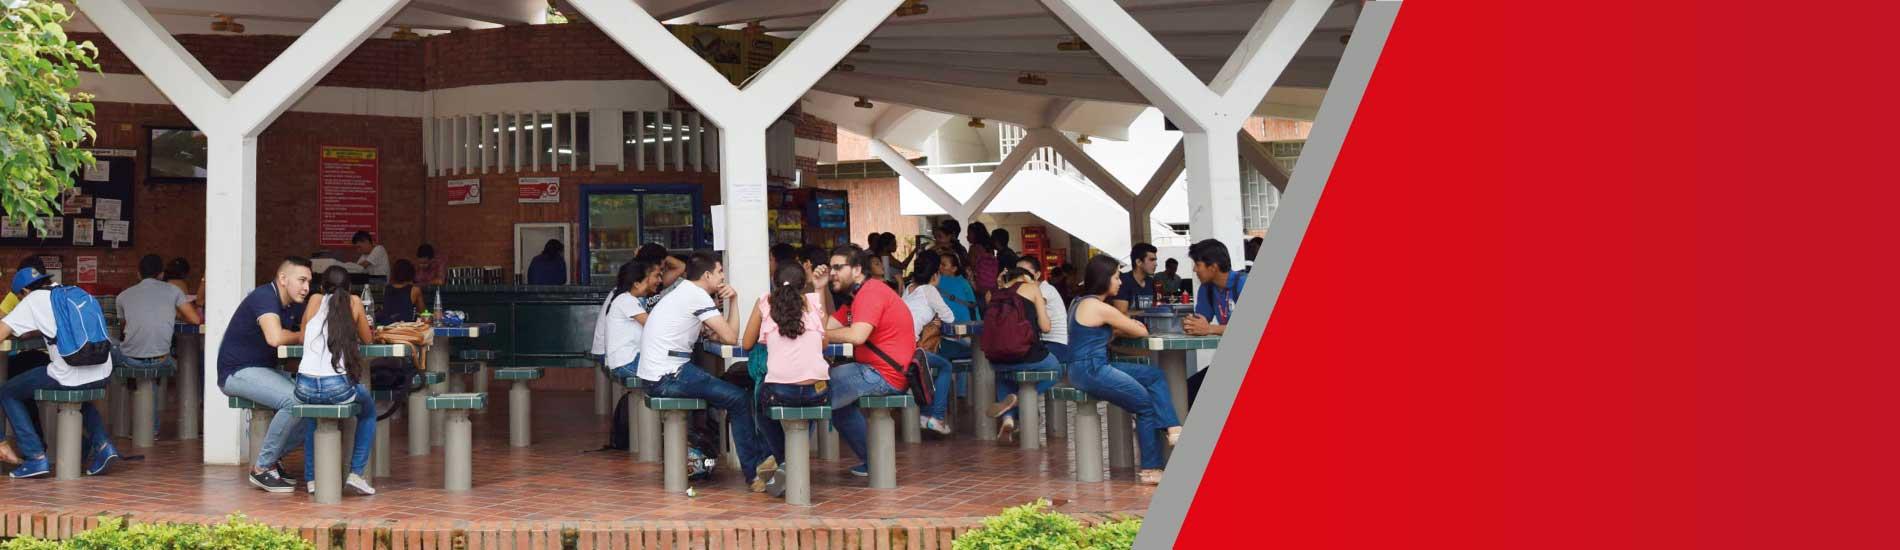 Abiertas las inscripciones para el servicio de restaurante UFPS en el II semestre de 2019